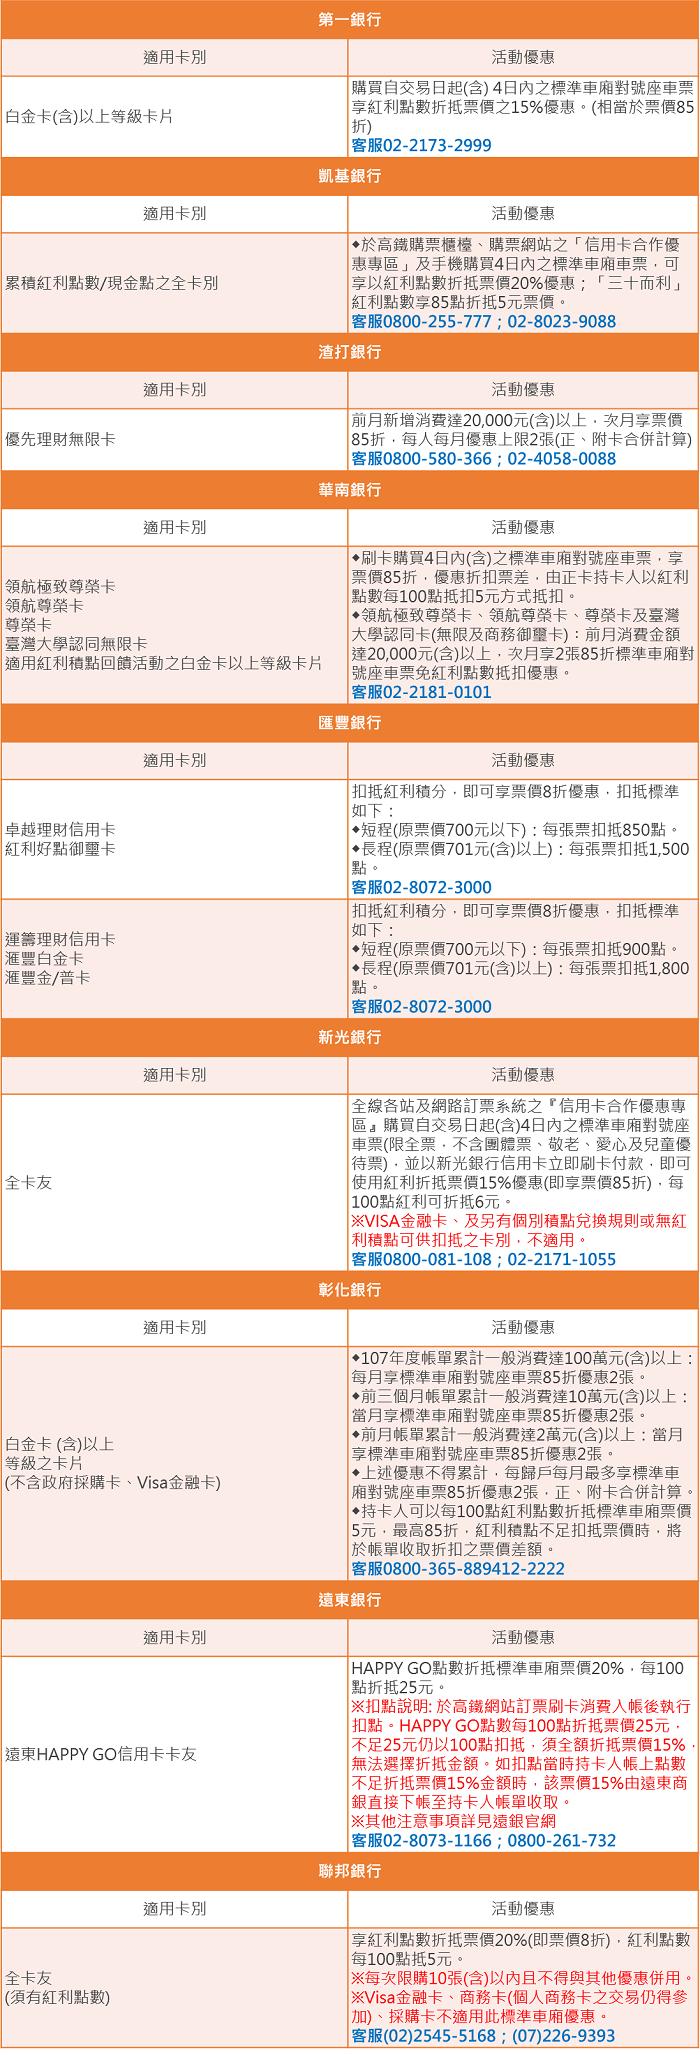 2【懶人包】2019信用卡搭高鐵(標準/商務)折扣升等優惠!(1-12月)